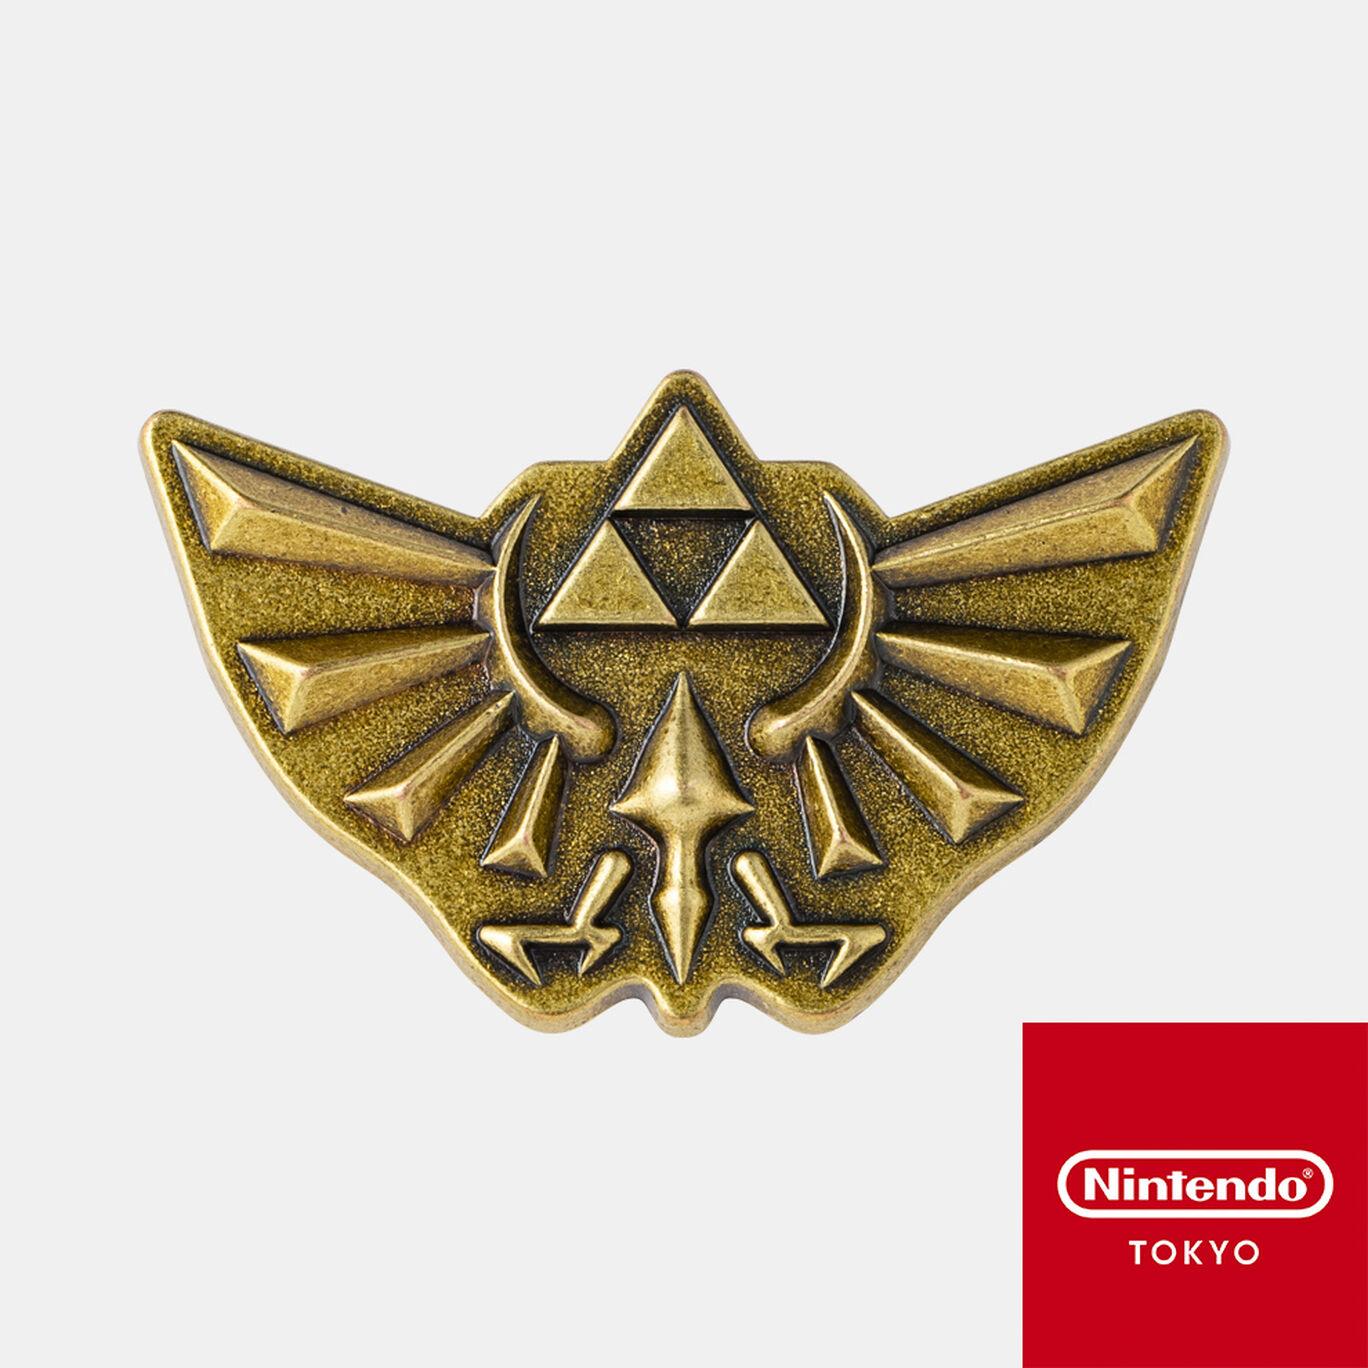 ピンズ ゼルダの伝説 A【Nintendo TOKYO取り扱い商品】